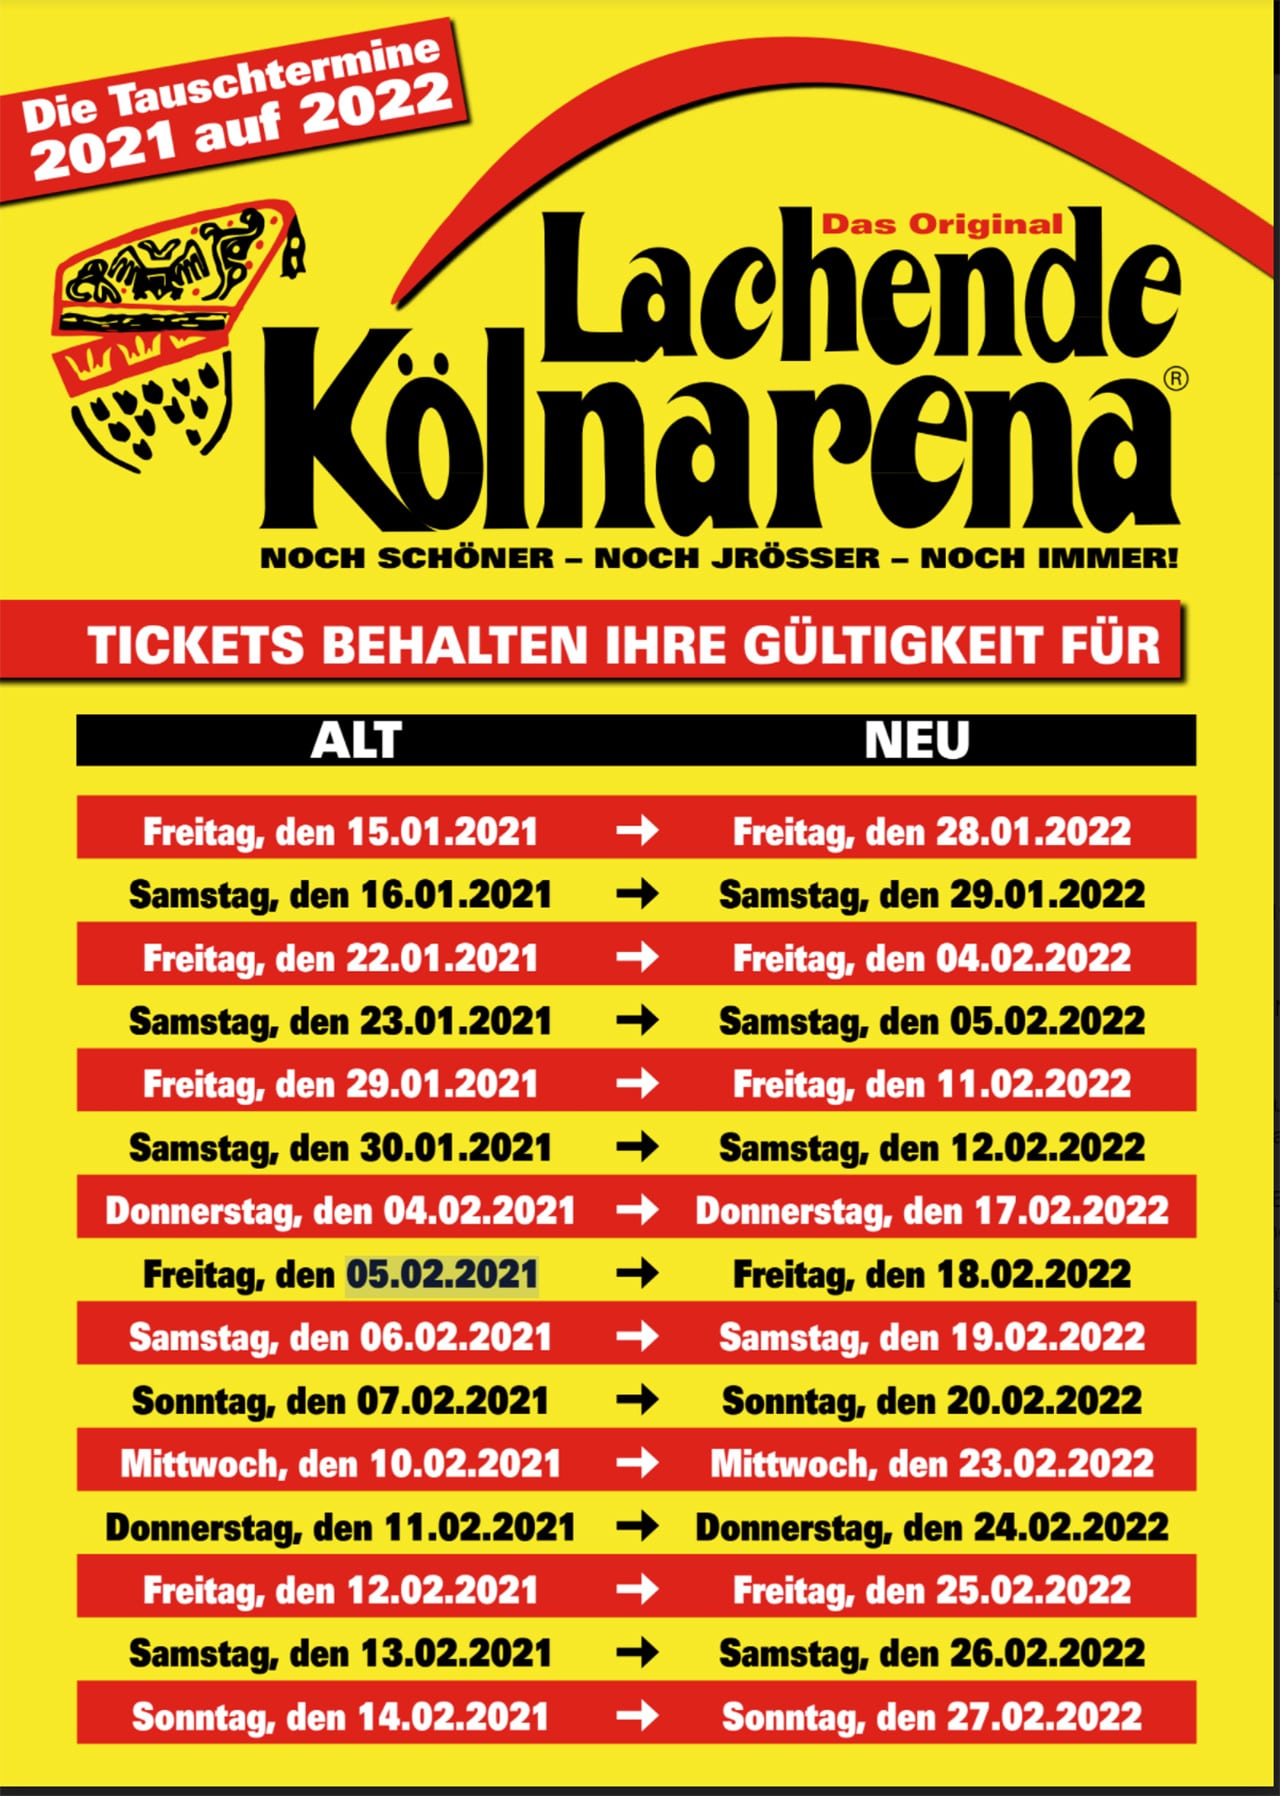 Lachende Kölnarena 2021 Tickets